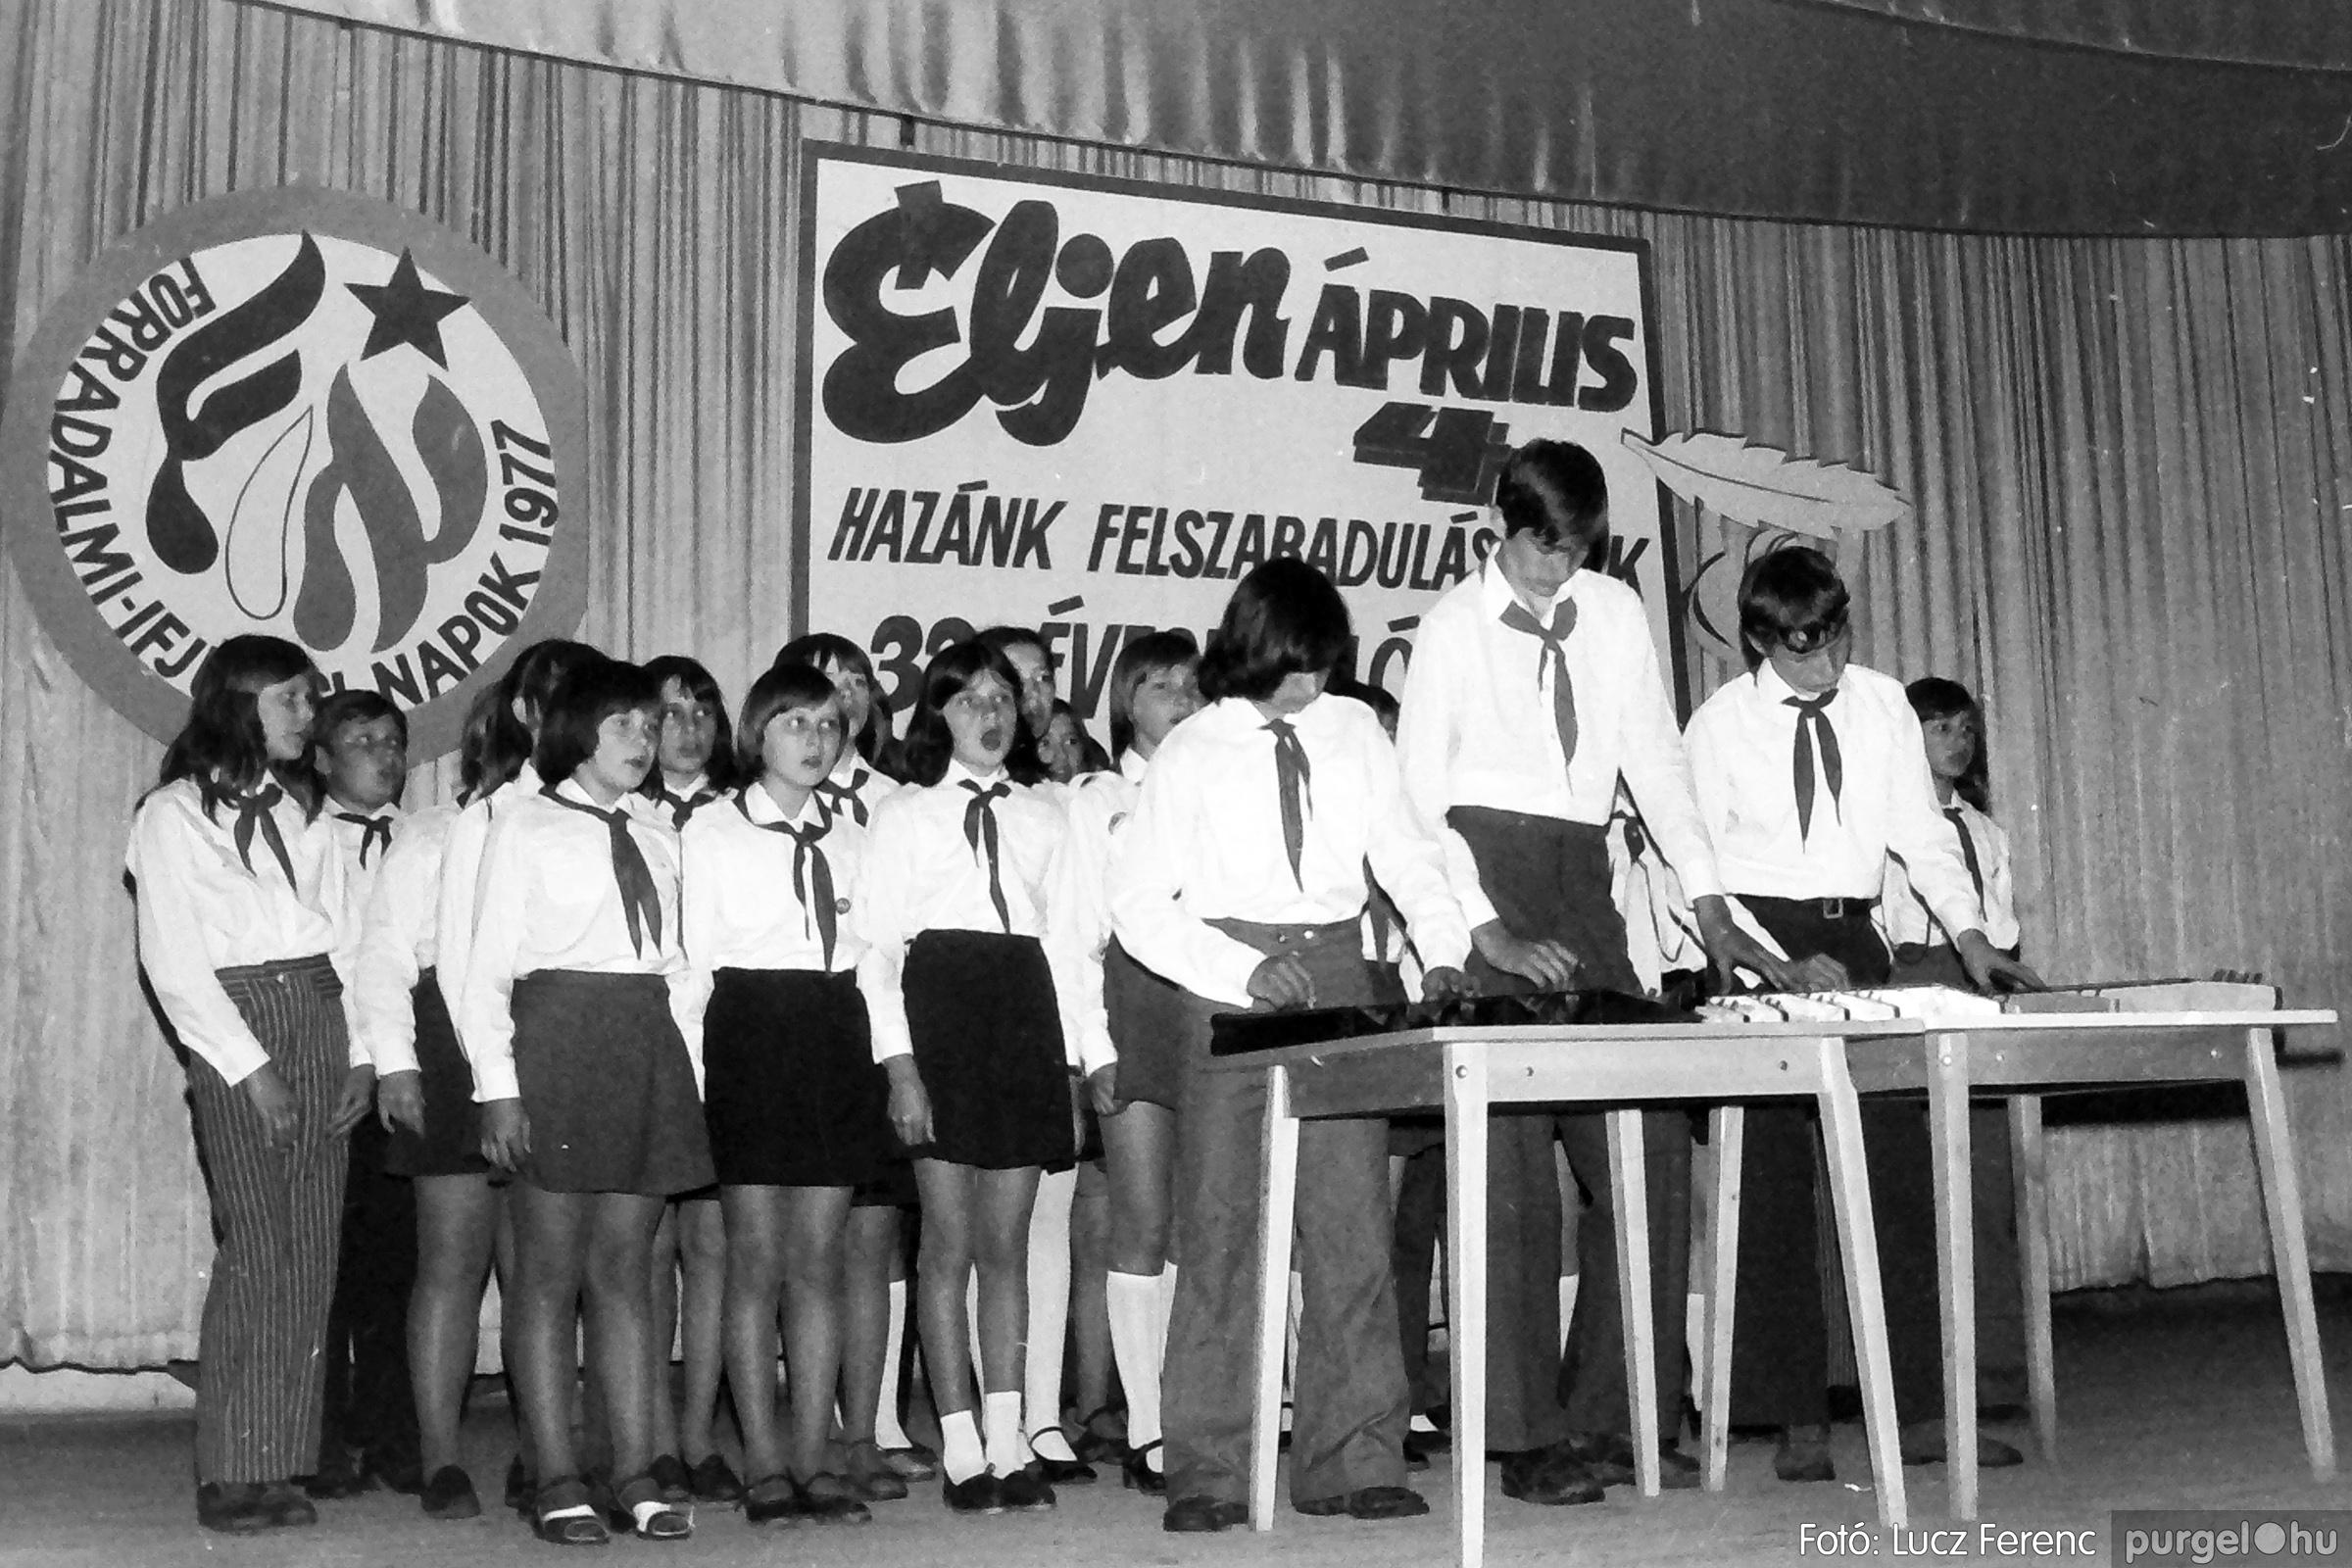 078. 1977.04.04. Április 4-i ünnepség 035. - Fotó: Lucz Ferenc.jpg